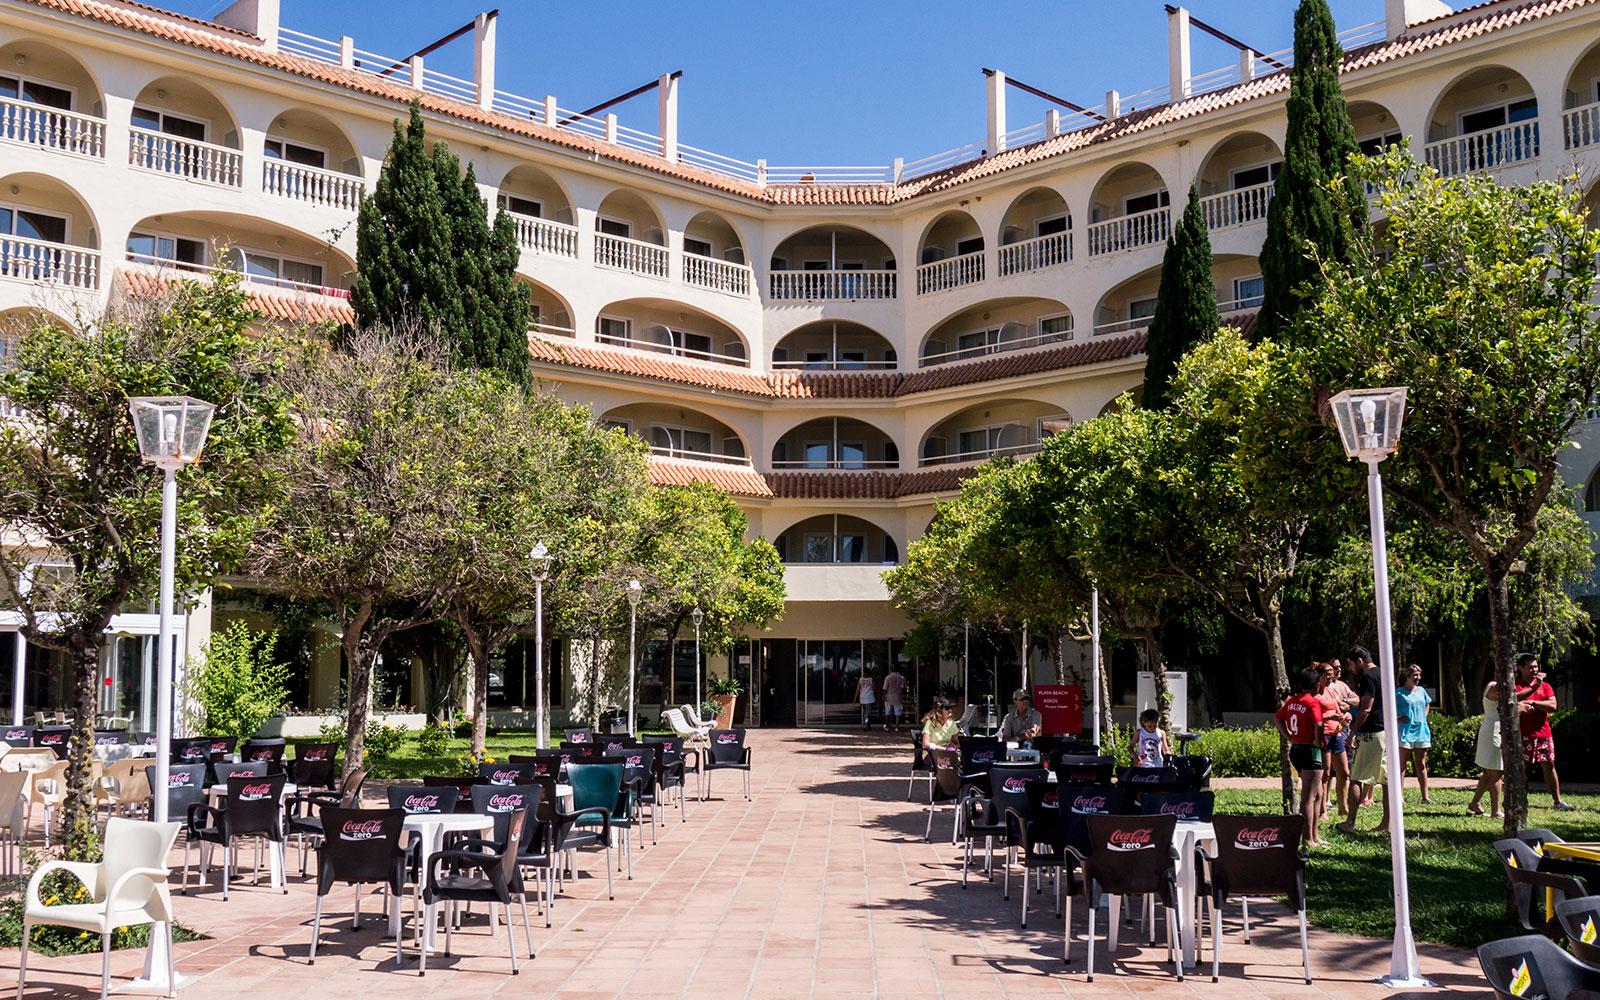 Fachada del hotel vista desde patio ajardinado con mesas